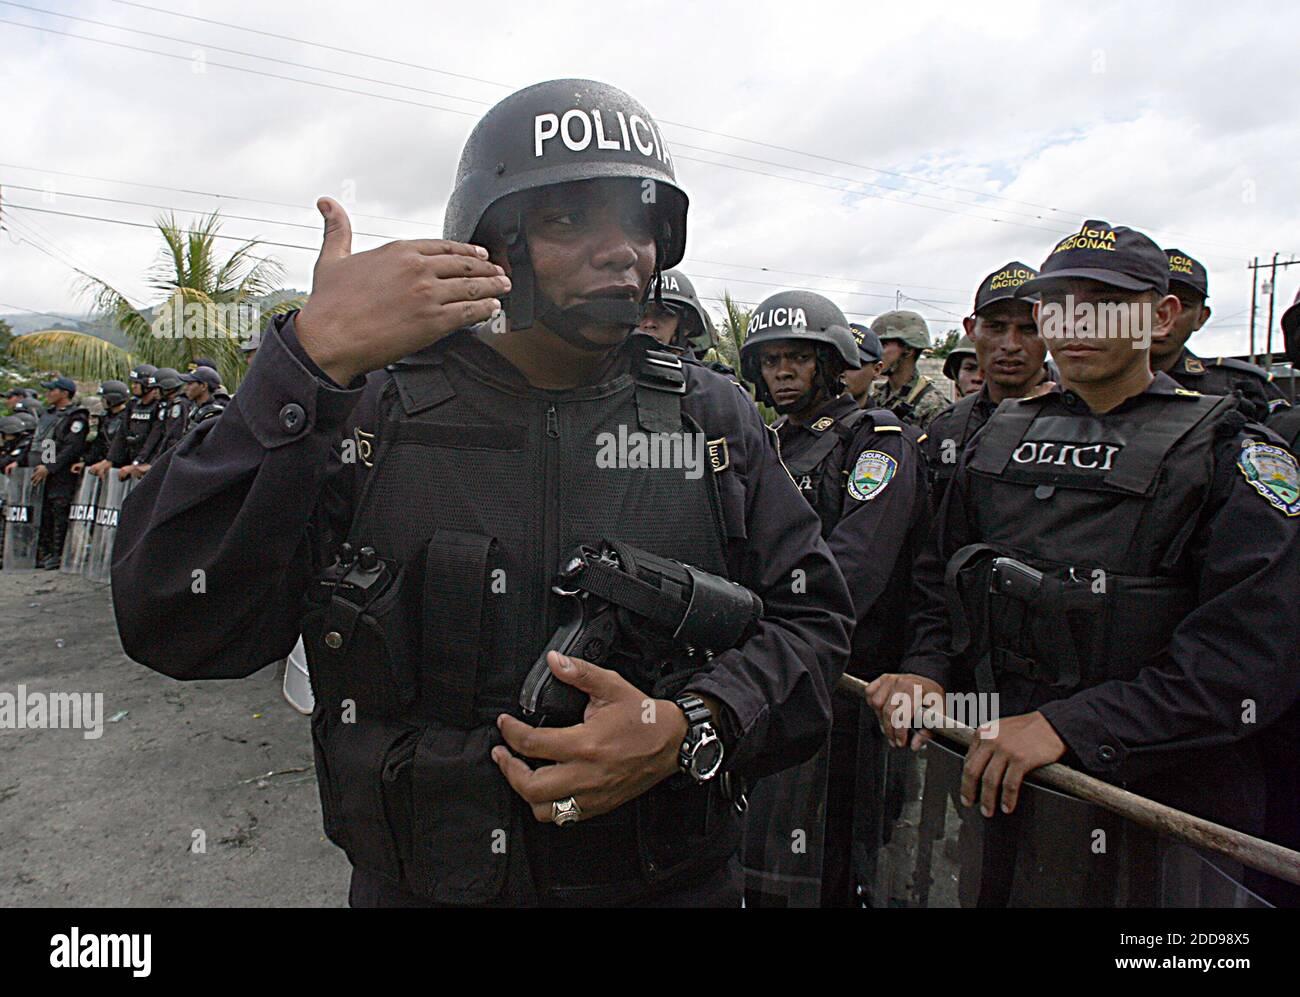 PAS DE FILM, PAS DE VIDÉO, PAS de télévision, PAS DE DOCUMENTAIRE - la police hondurienne et les soldats de l'armée ferment l'entrée de Paraiso, une ville située près de la frontière avec le Nicaragua, le samedi 25 juillet 2009. La frontière entre le Honduras et le Nicaragua reste fermée tandis que le président évincé Manuel Zelaya est resté du côté du Nicaragua avec un groupe de partisans. Photo de Pedro Portal/EL Nuevo Herald/Miami Herald/MCT/ABACAPRESS.COM Banque D'Images